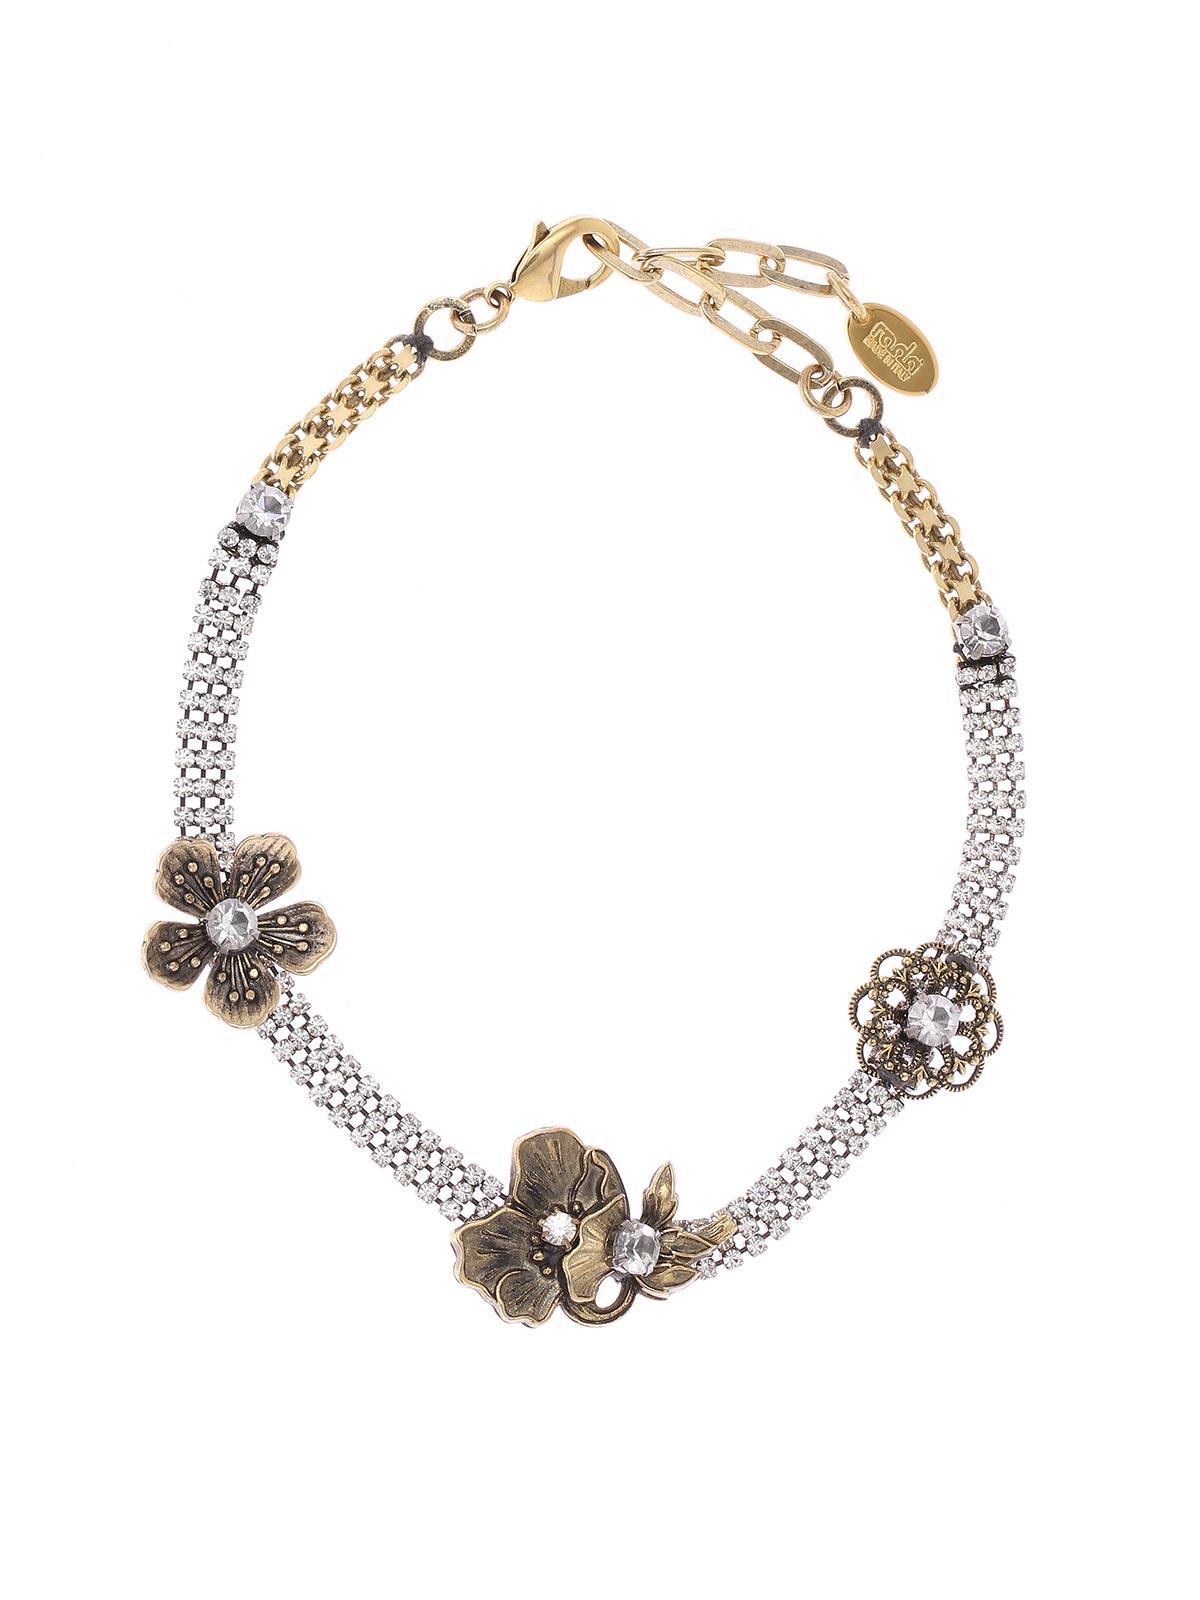 Collana in ottone e cristalli con decorazioni floreali